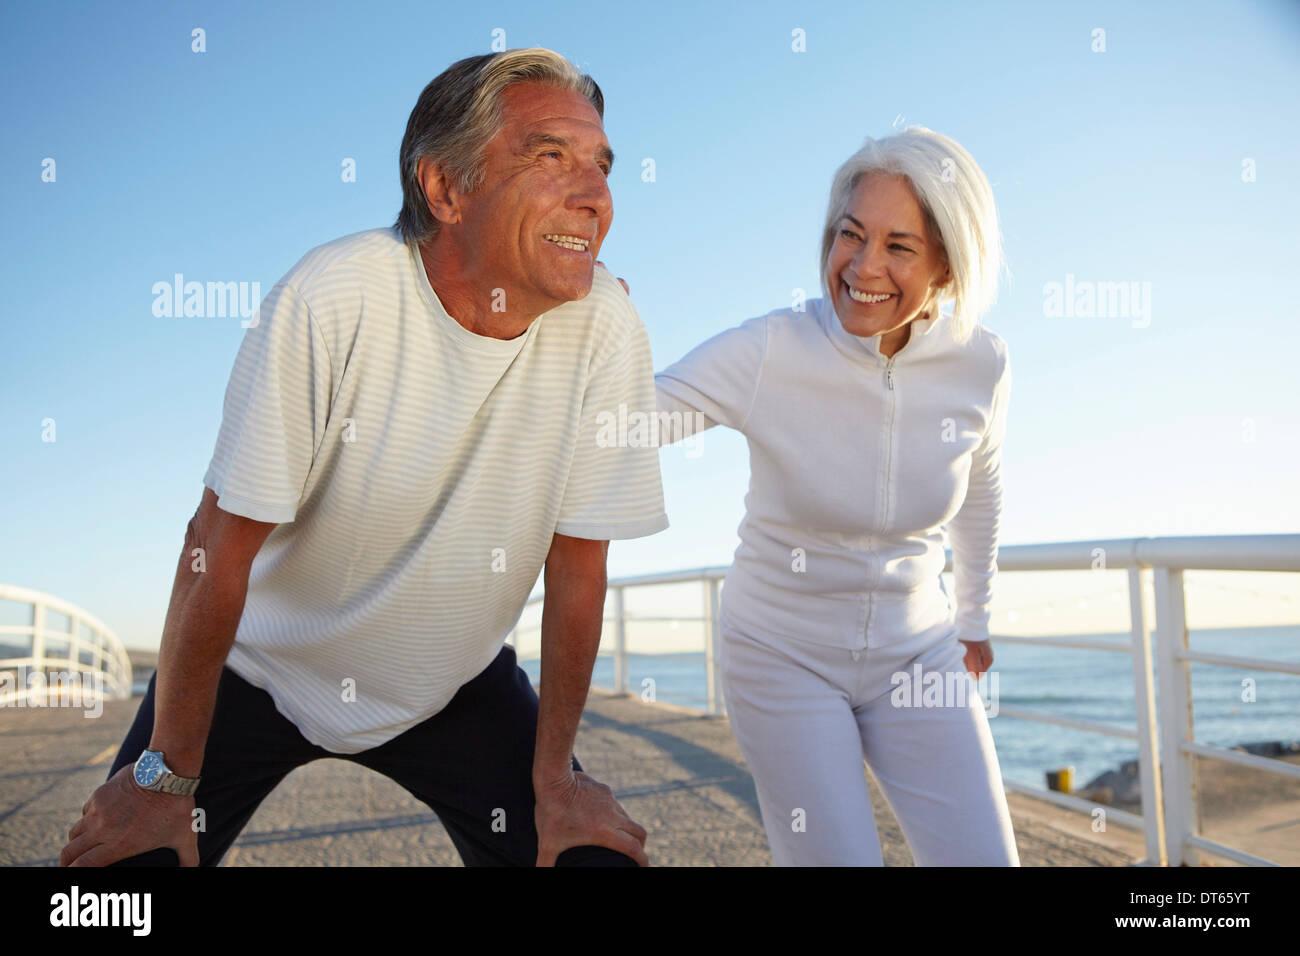 Pareja realizando ejercicios en cuclillas Imagen De Stock